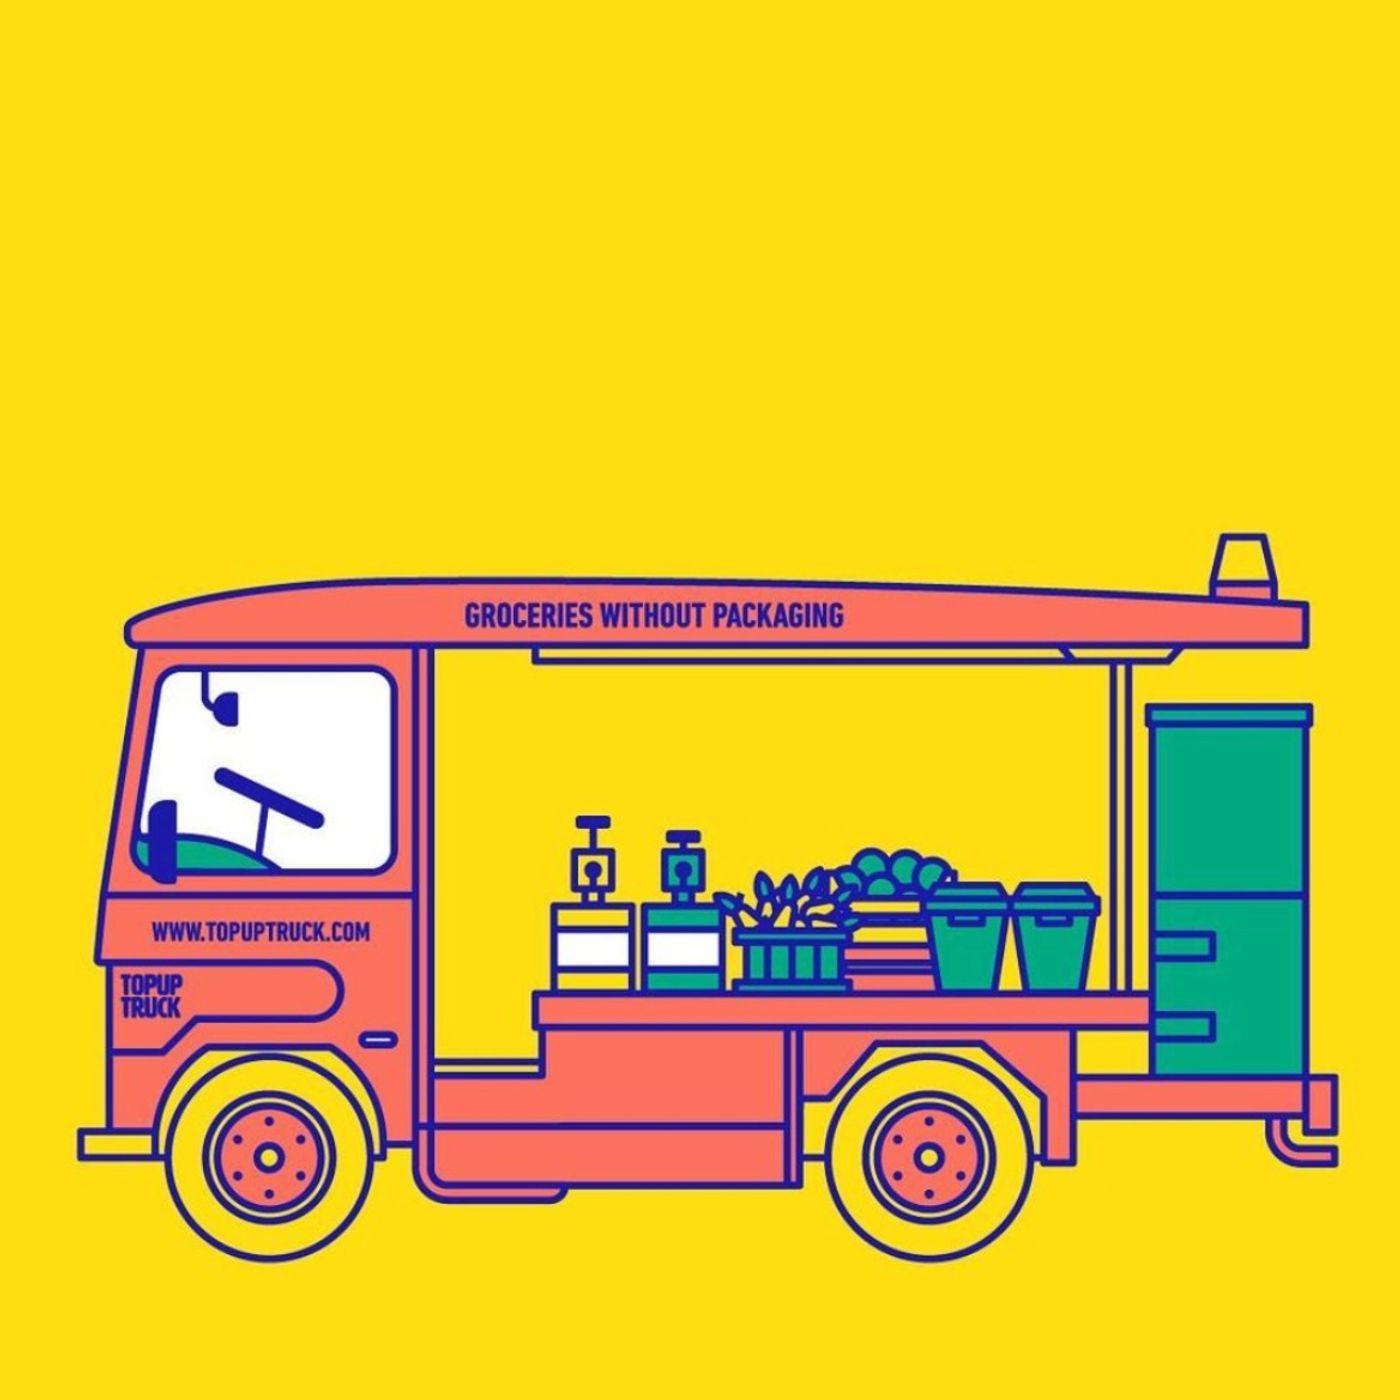 TOPUP TRUCK - Mobile Zero-Waste Shop